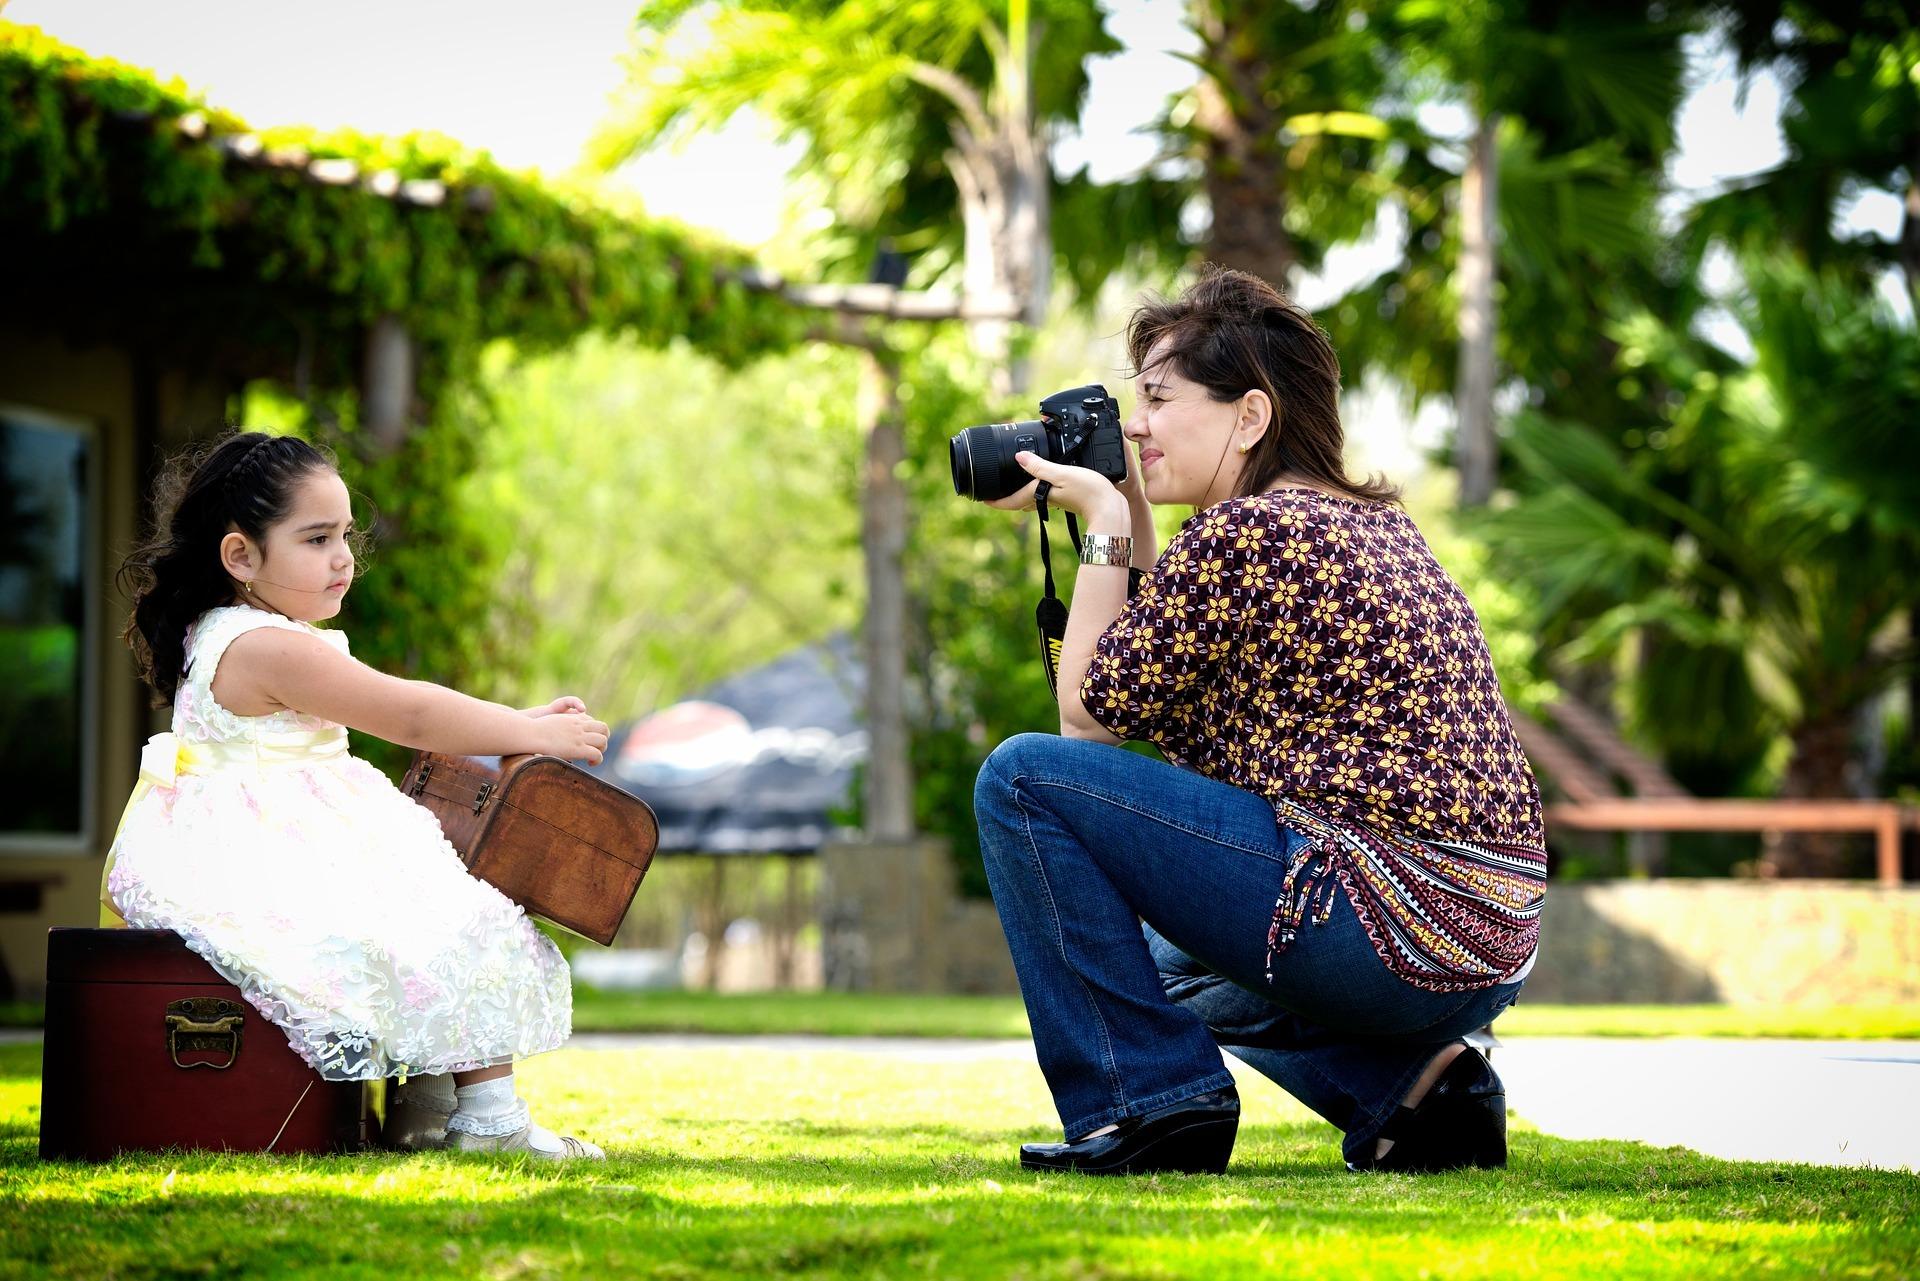 Matka fotografująca dziecko. Zdjęcie do dowodu dla dziecka.